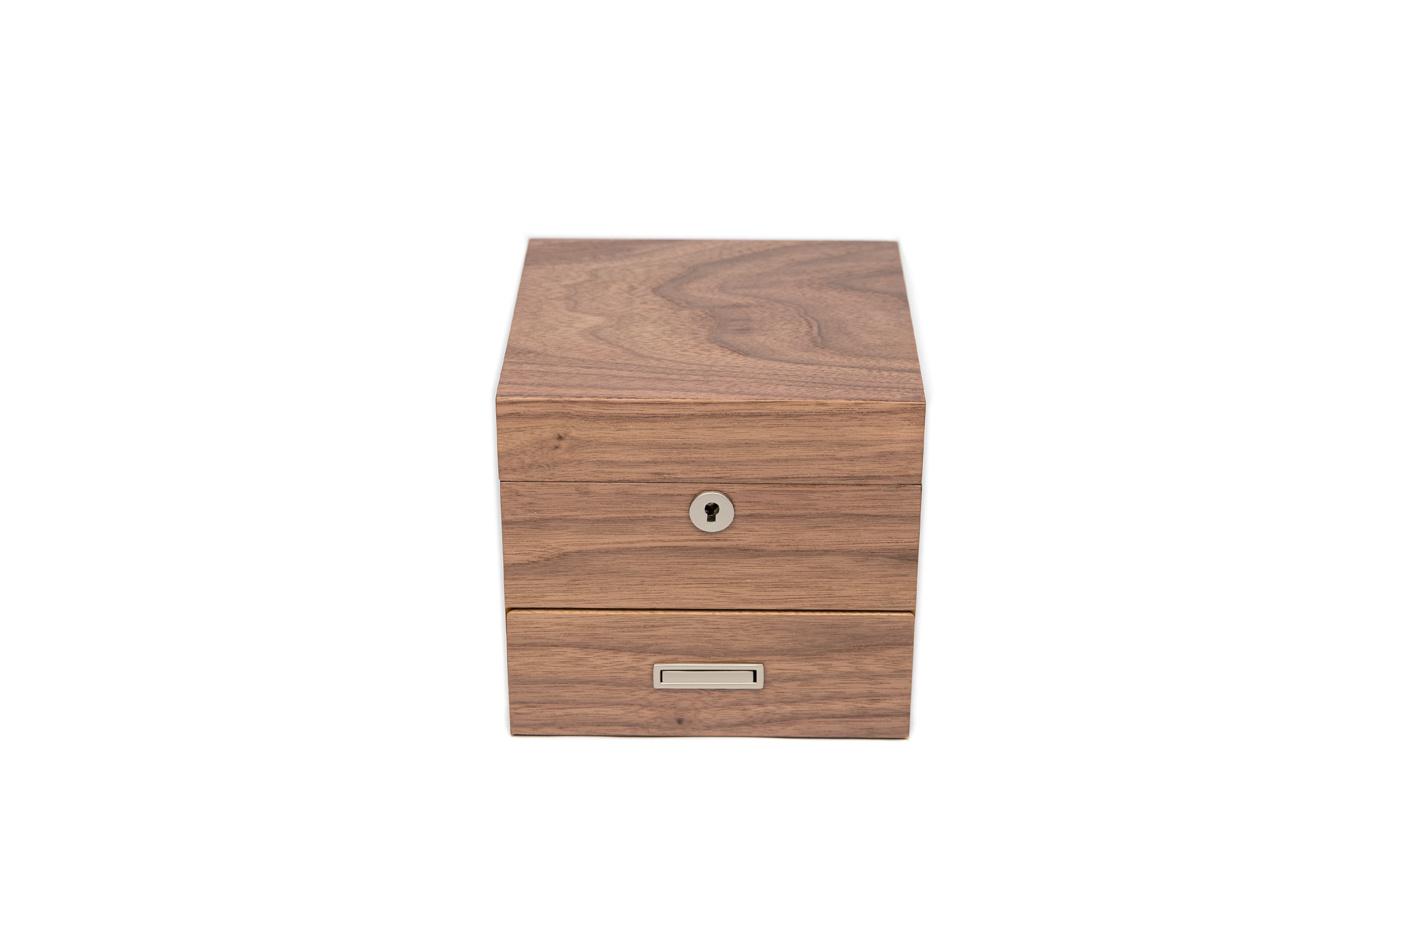 4-Strain Storage Box (with drawer) - Walnut